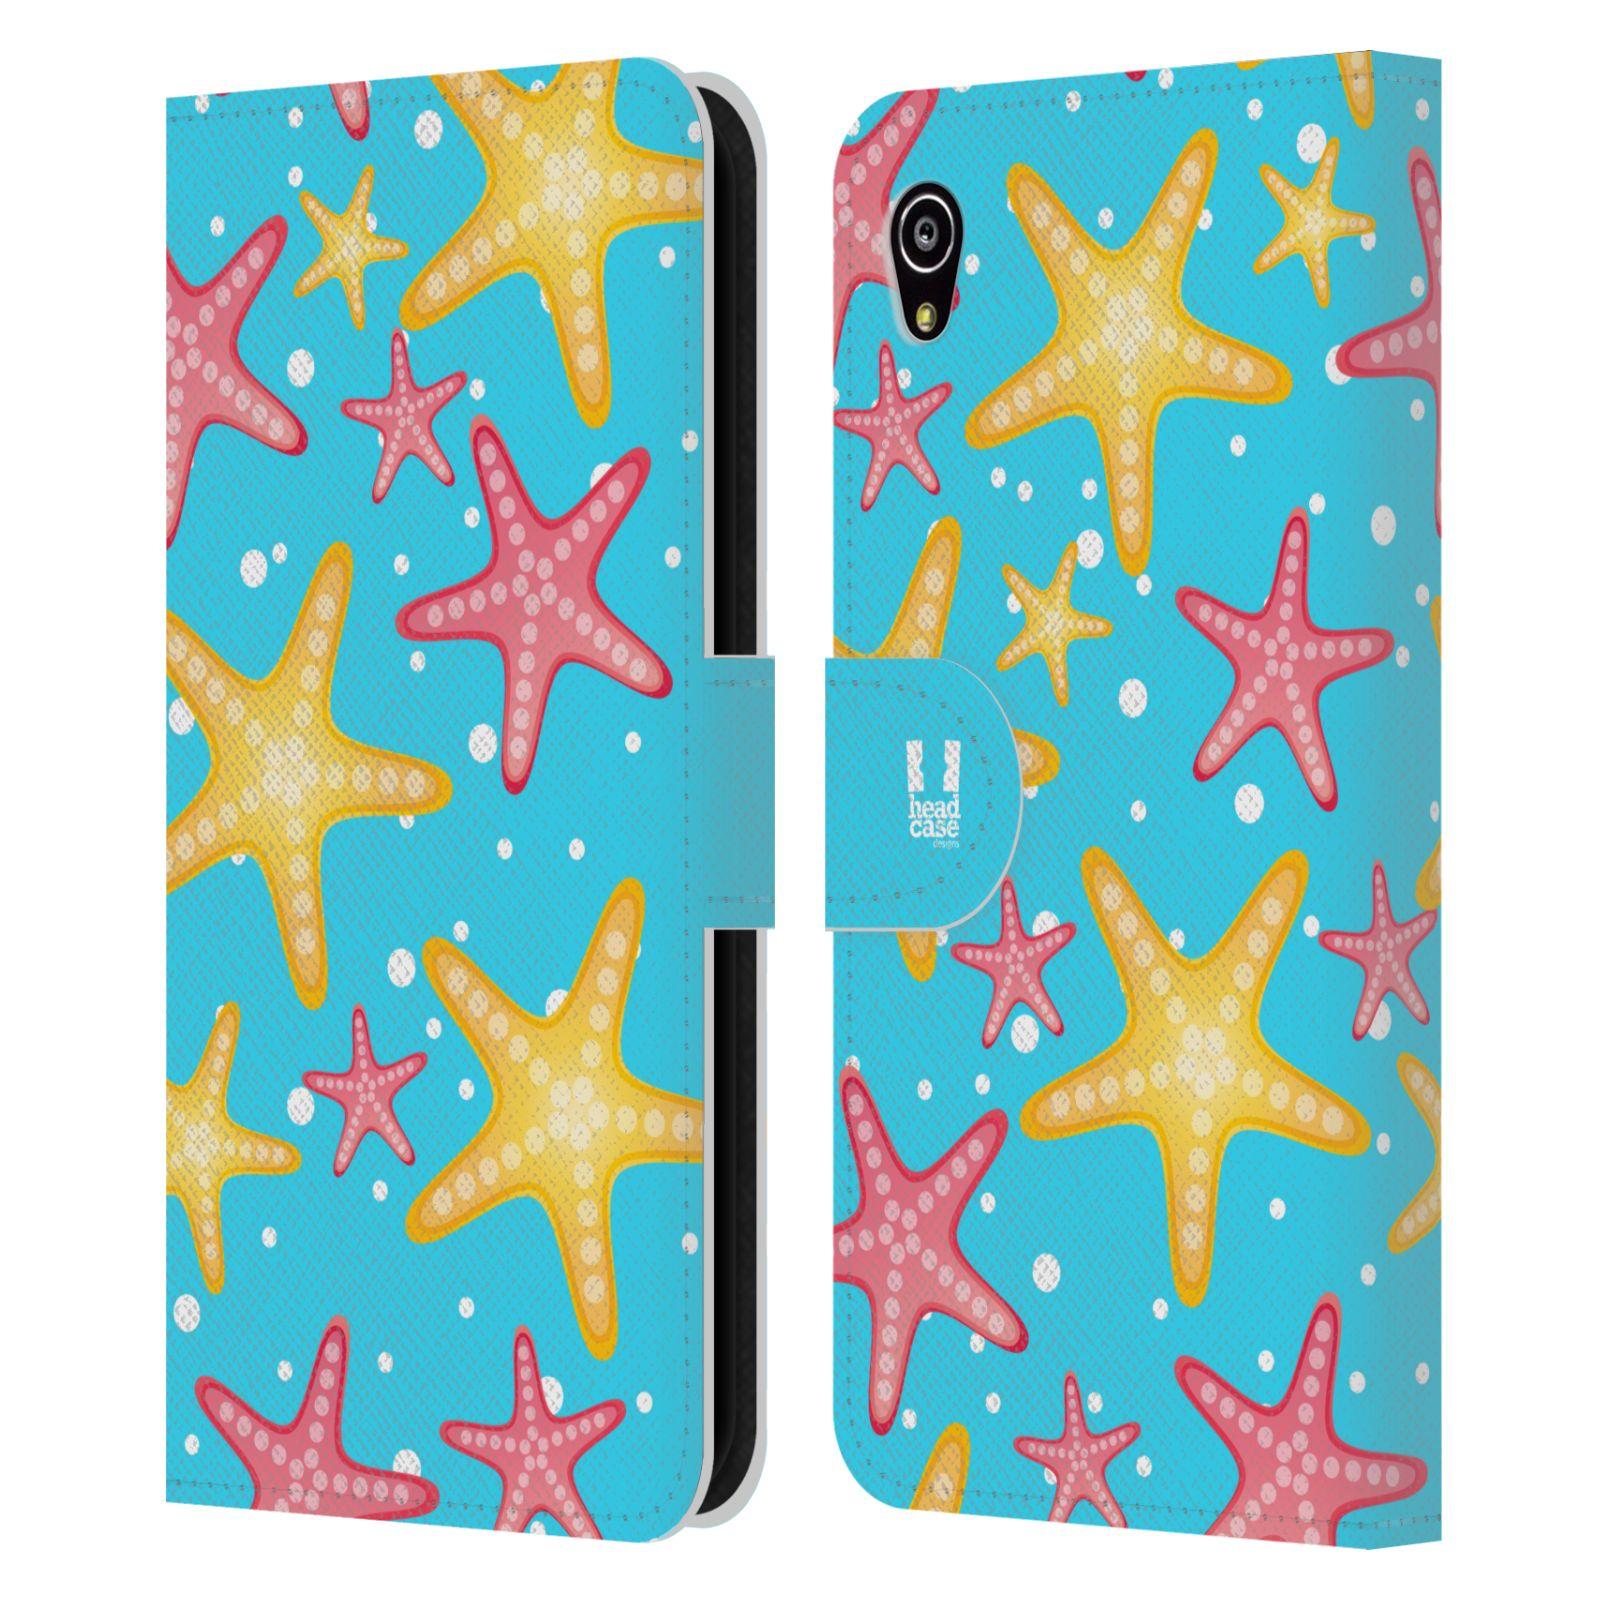 HEAD CASE Flipové pouzdro pro mobil SONY XPERIA M4 AQUA Mořský živočich hvězdice modrá barva pozadí